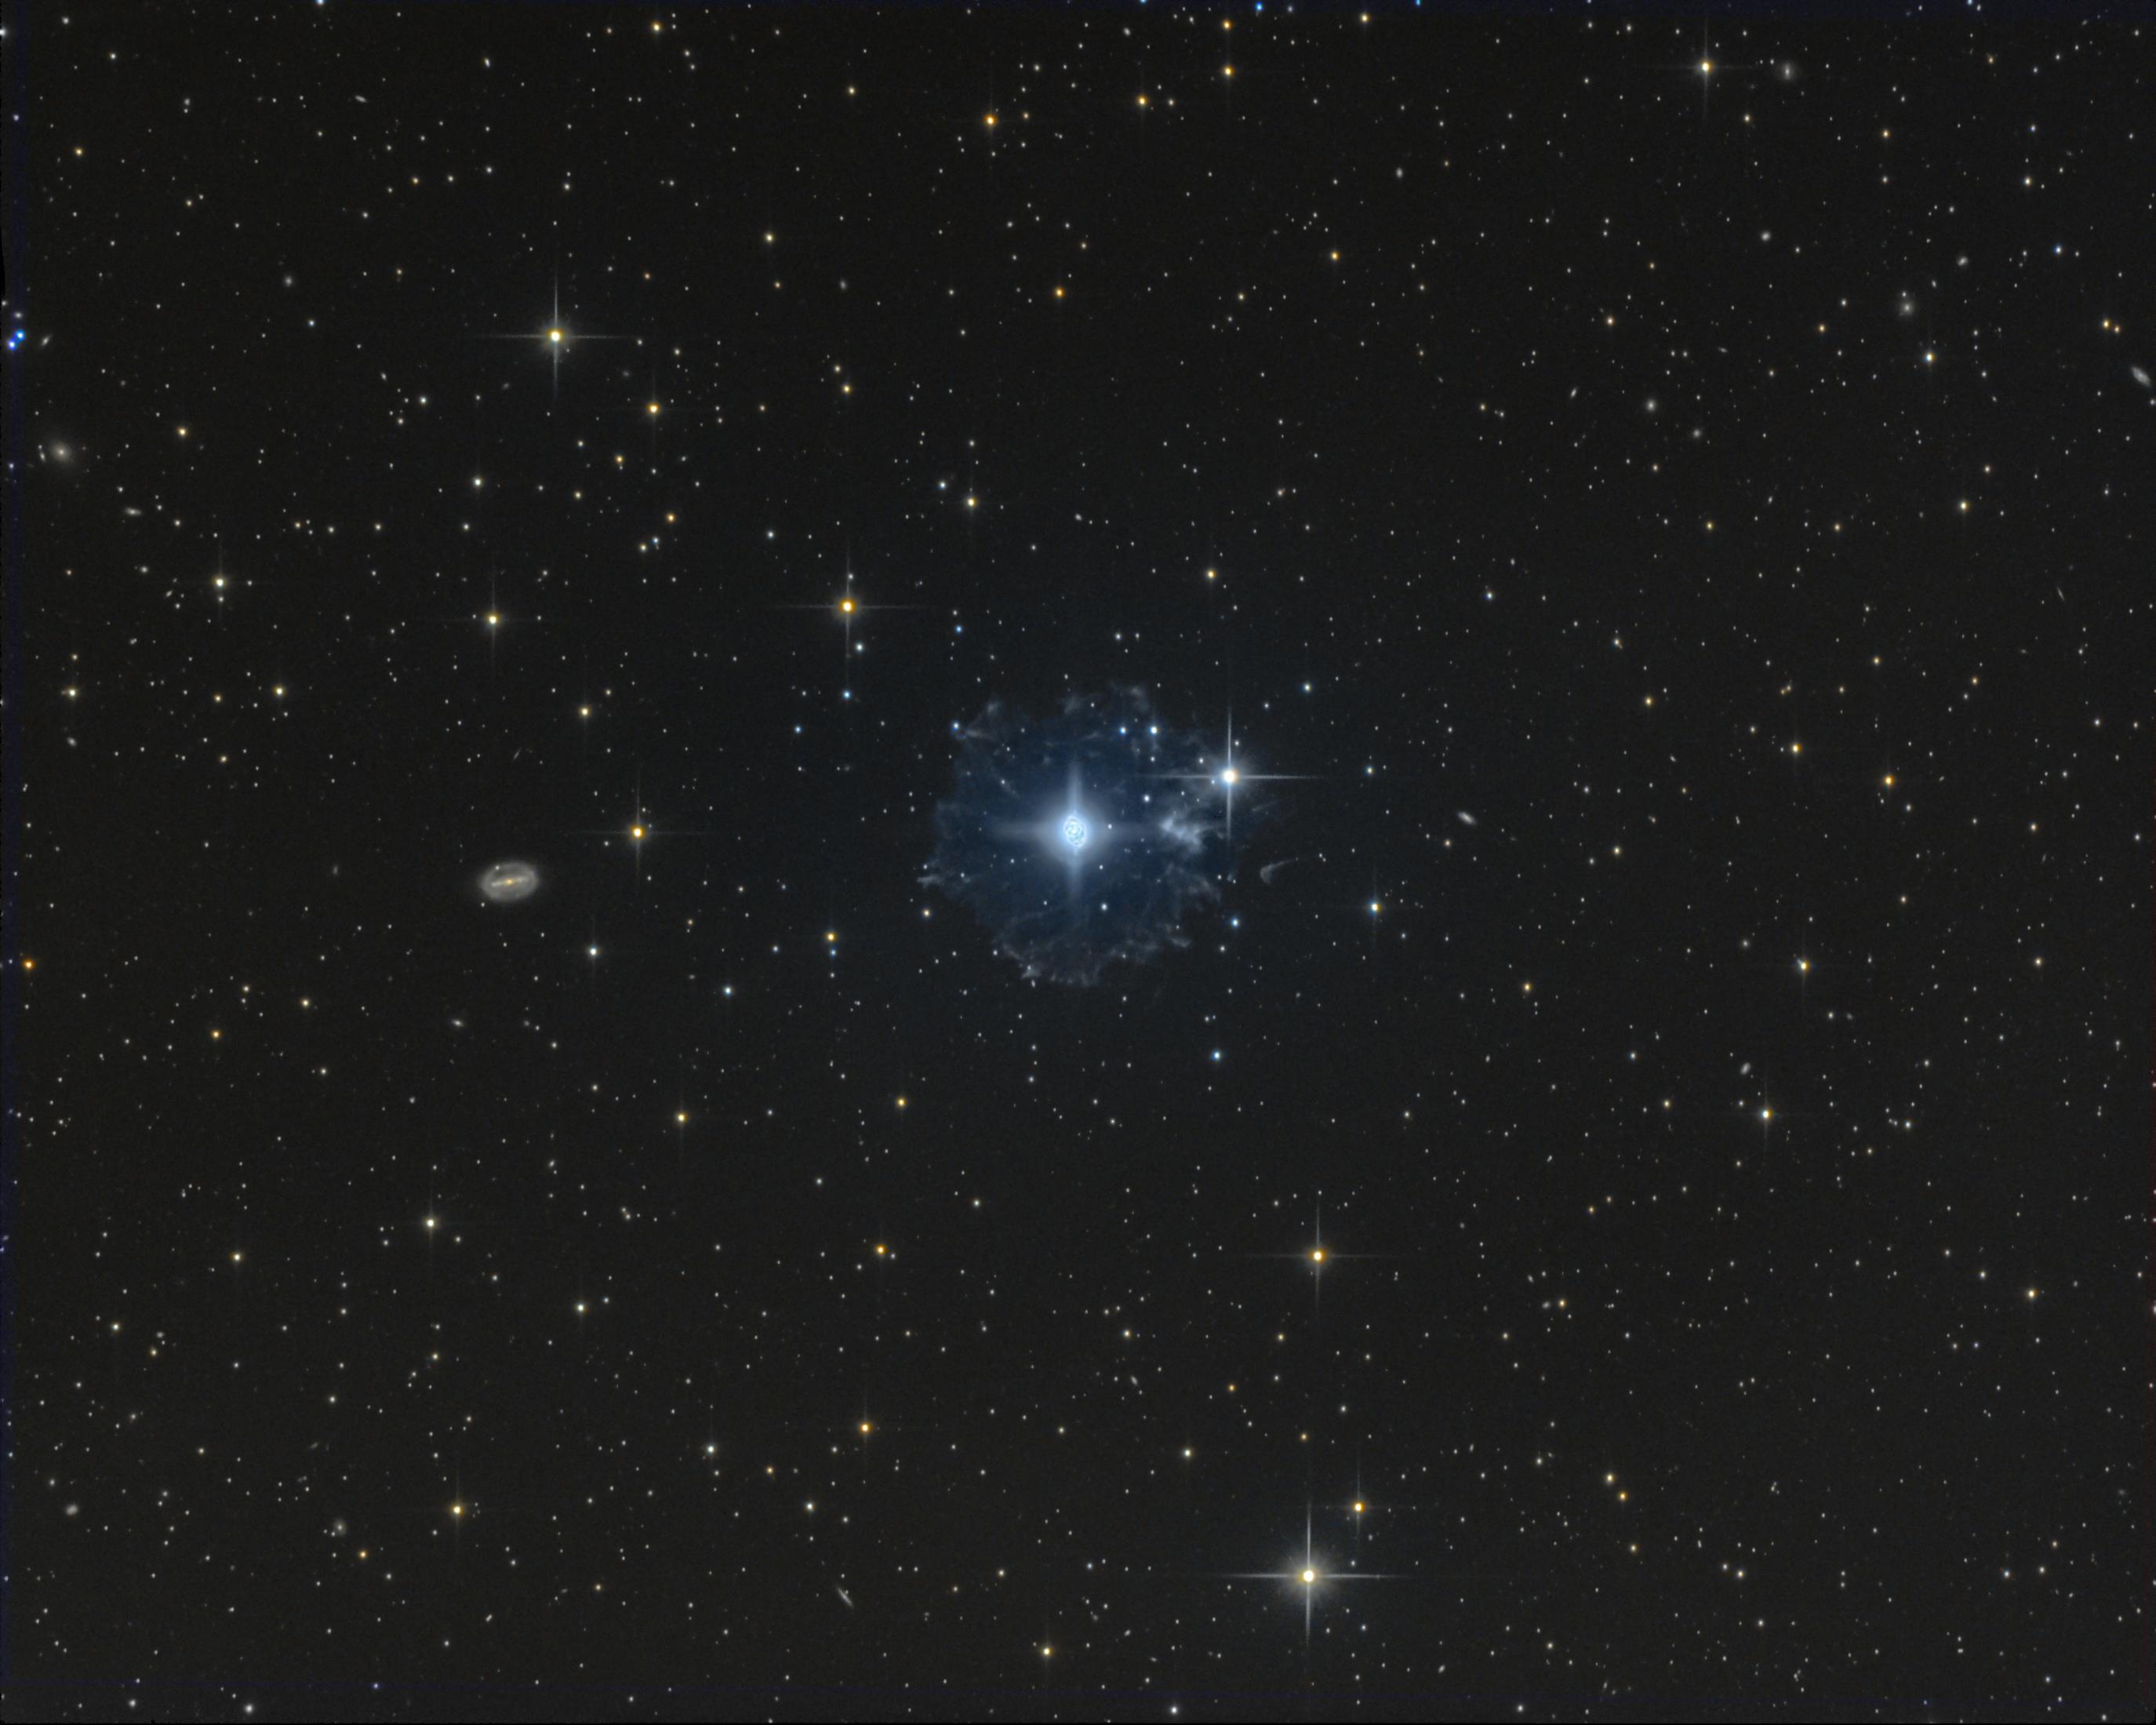 Le flocon du compte à rebours - NGC6543 Picture-50d11f0fe086bcf03397660945f85677-original